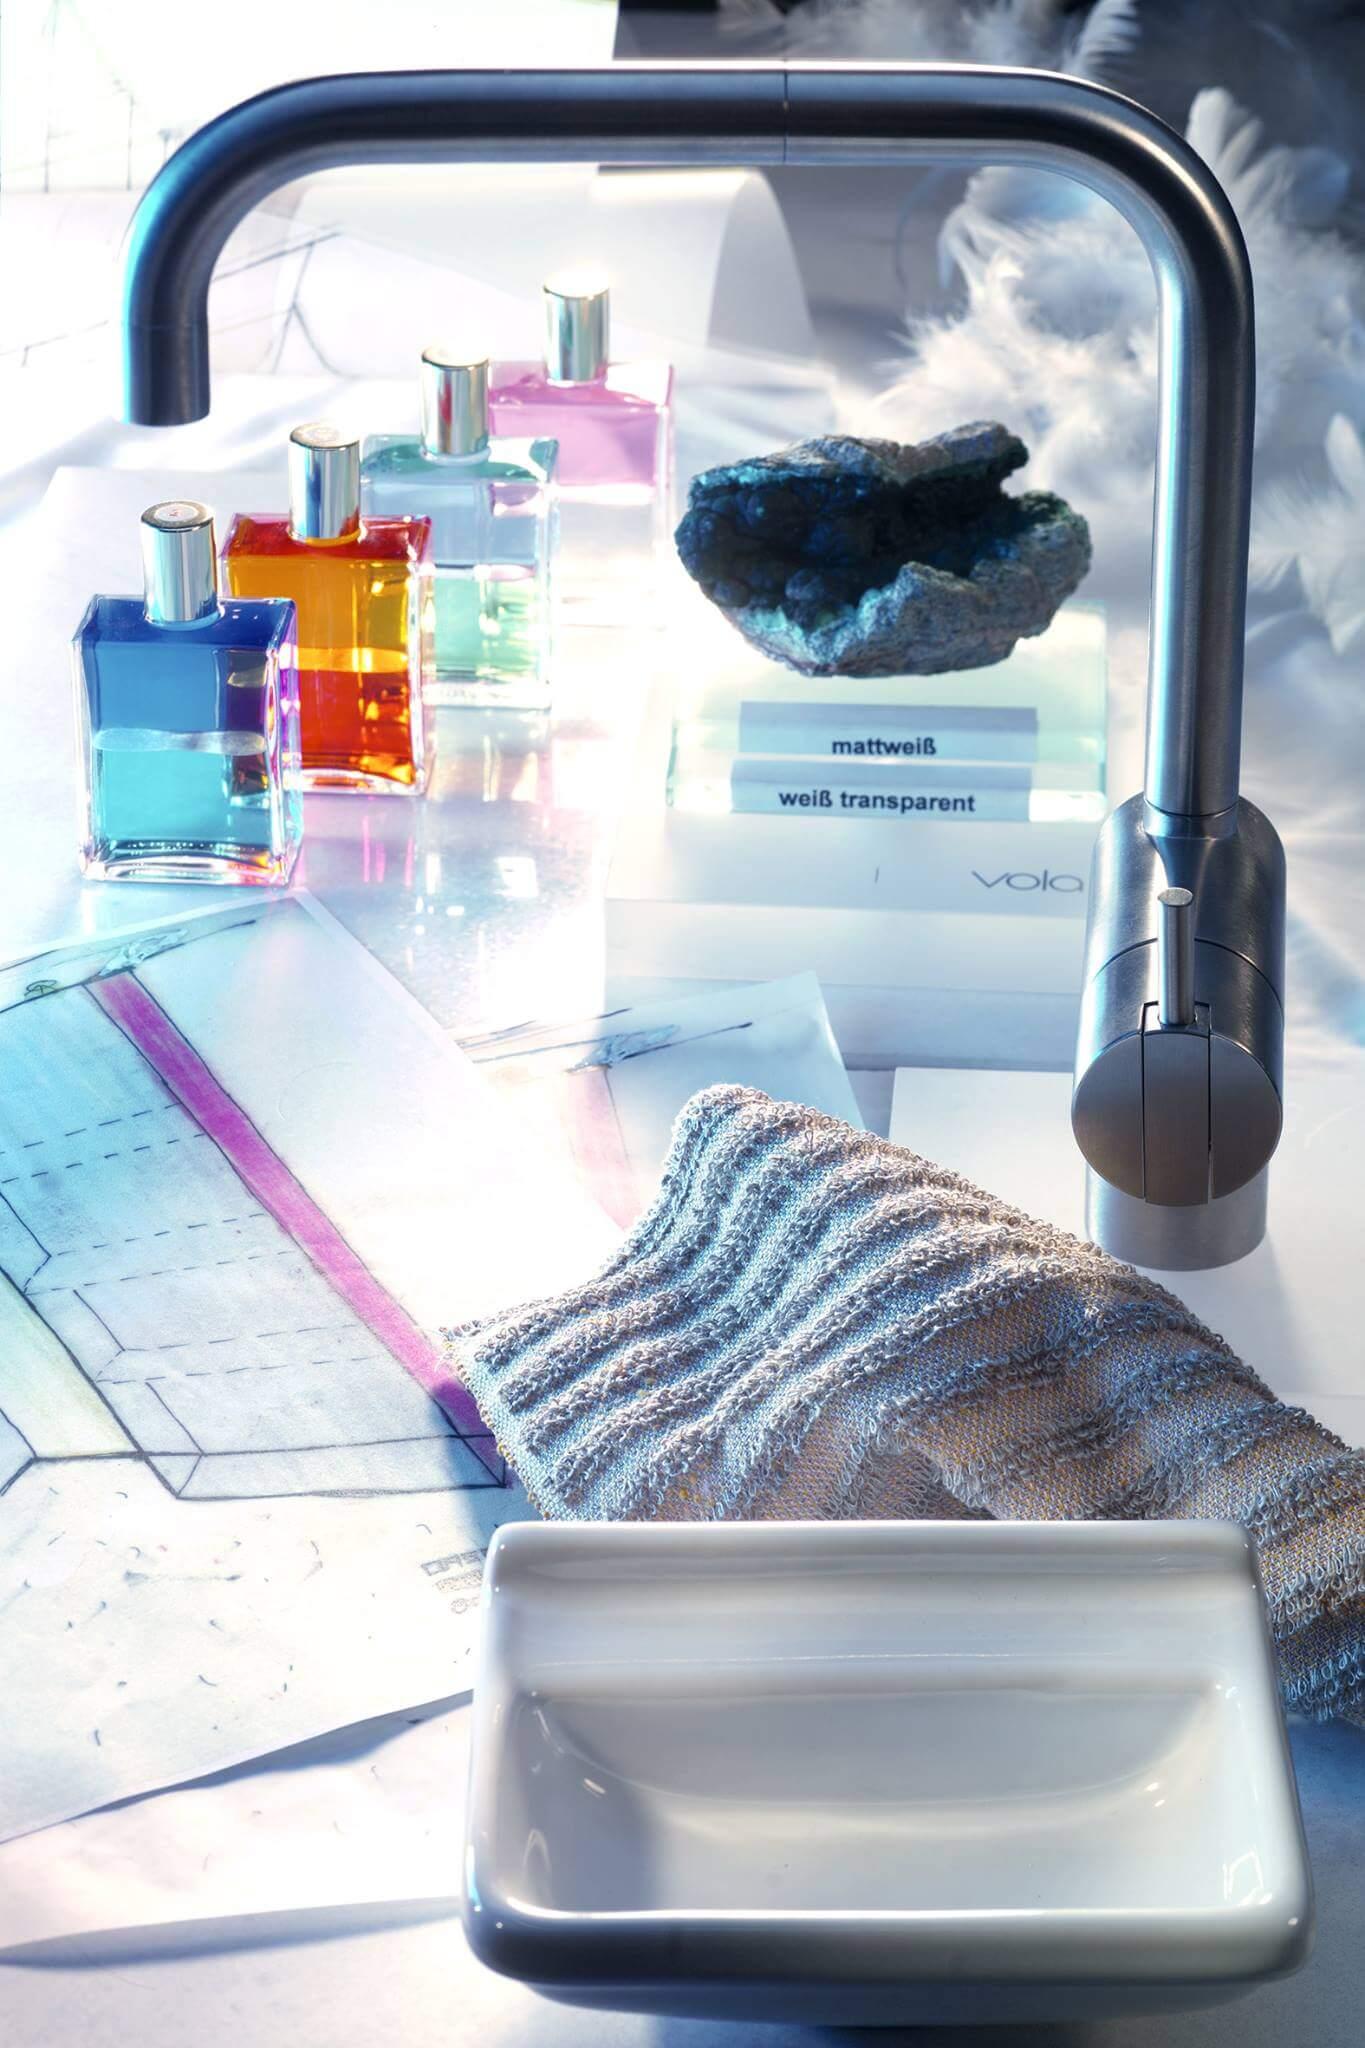 Die Materialwahl auf der Bäderausstellung Selbst wenn Sie ein kleines Bad gestalten, muss das perfekte Material für das Designerbad auf das Badzubehör Design und das Badambiente abgestimmt sein und gleichzeitig die Sinne berühren. Neben dem Kommunikationsraum Torsten Müller findet sich meine Bad Ausstellung, in der Sie Designerbäder im großzügigen Badstudio begutachten oder in einer Design Badewanne von der internationalen Badezimmerausstellung probeliegen können. In der weitläufigen Badezimmerausstellung der Bäder München finden Sie die moderne Badkultur vieler Badmanufaktur vor, die Sie beim Badezimmer Planen inspiriert. Wir greifen auf einen großen Pool exklusiver Produzenten und Lieferanten aus der ganzen Welt zurück, um Ihre exotische Materialwahl optimal umzusetzen: Thassos-Marmor aus Griechenland Rosengranit aus Ägypten Olivenholz aus der Toskana